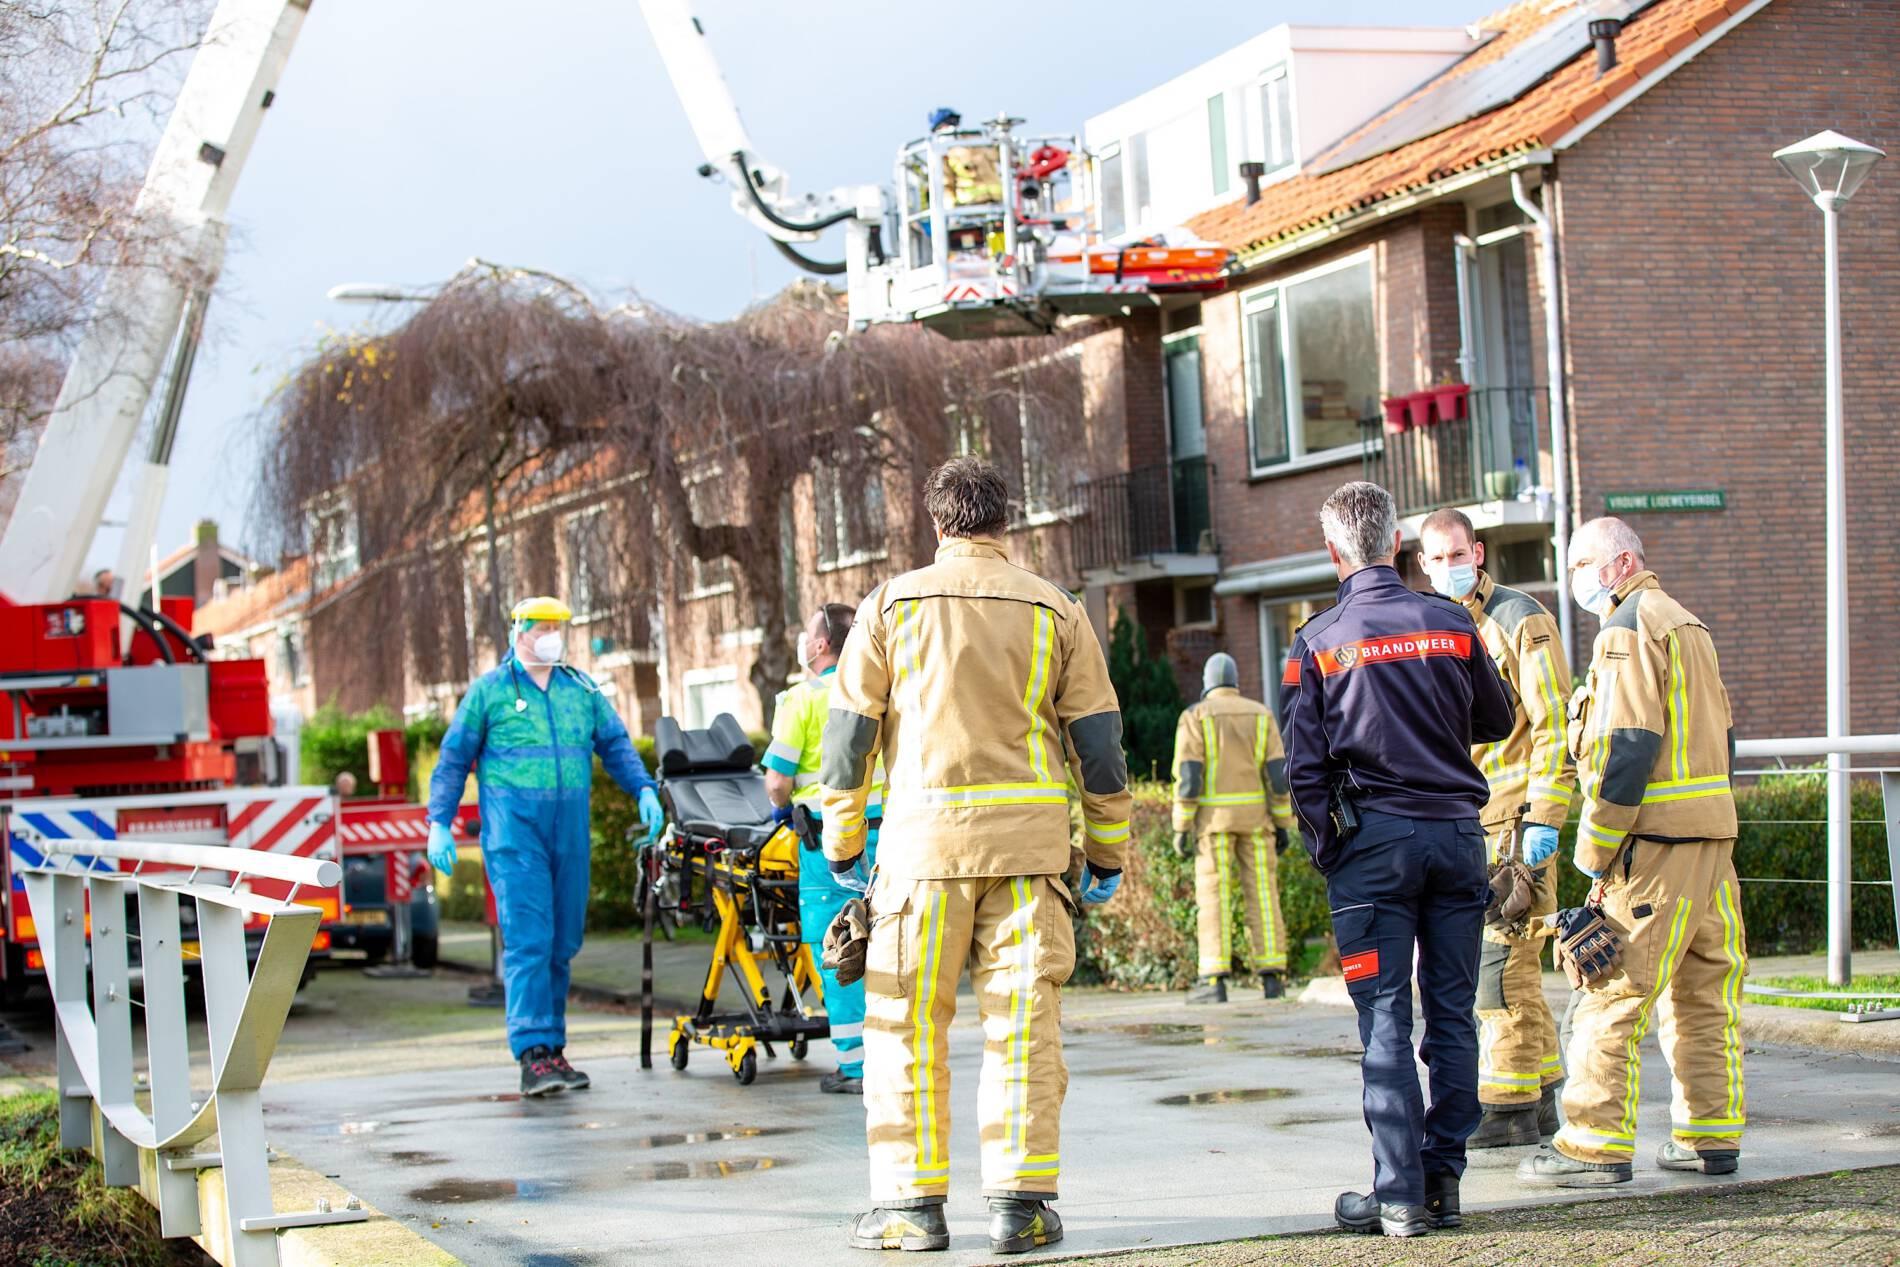 Brandweer assisteert bij afhijsing patiënt aan Oranje-Nassaustraat Maasland